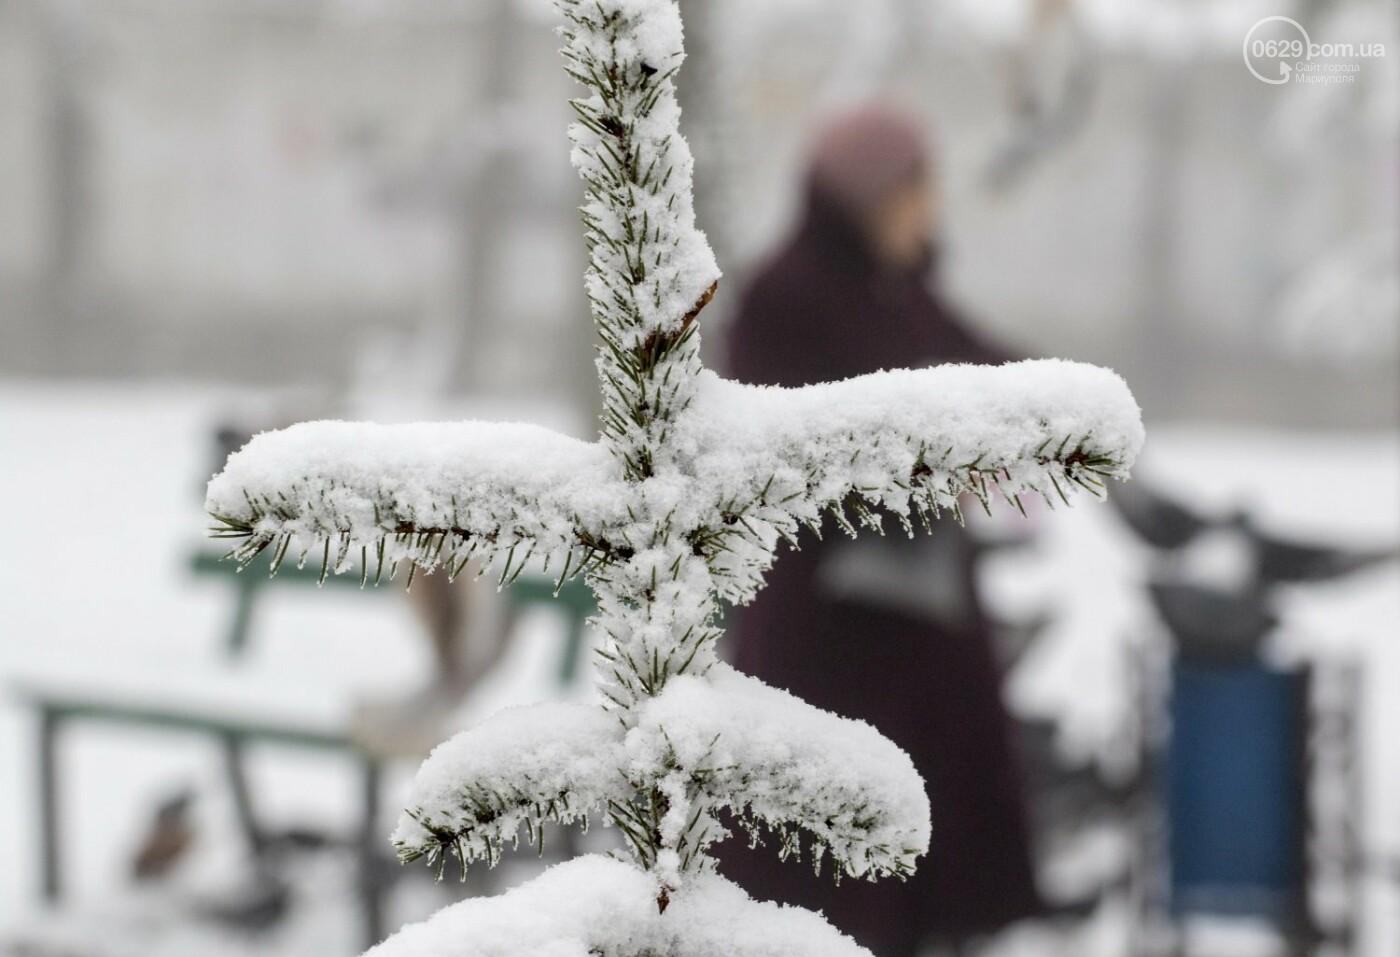 38 фотографий, одна ворона и одна синица... ФОТОРЕПОРТАЖ для тех, кто проспал первый настоящий снег, фото-9